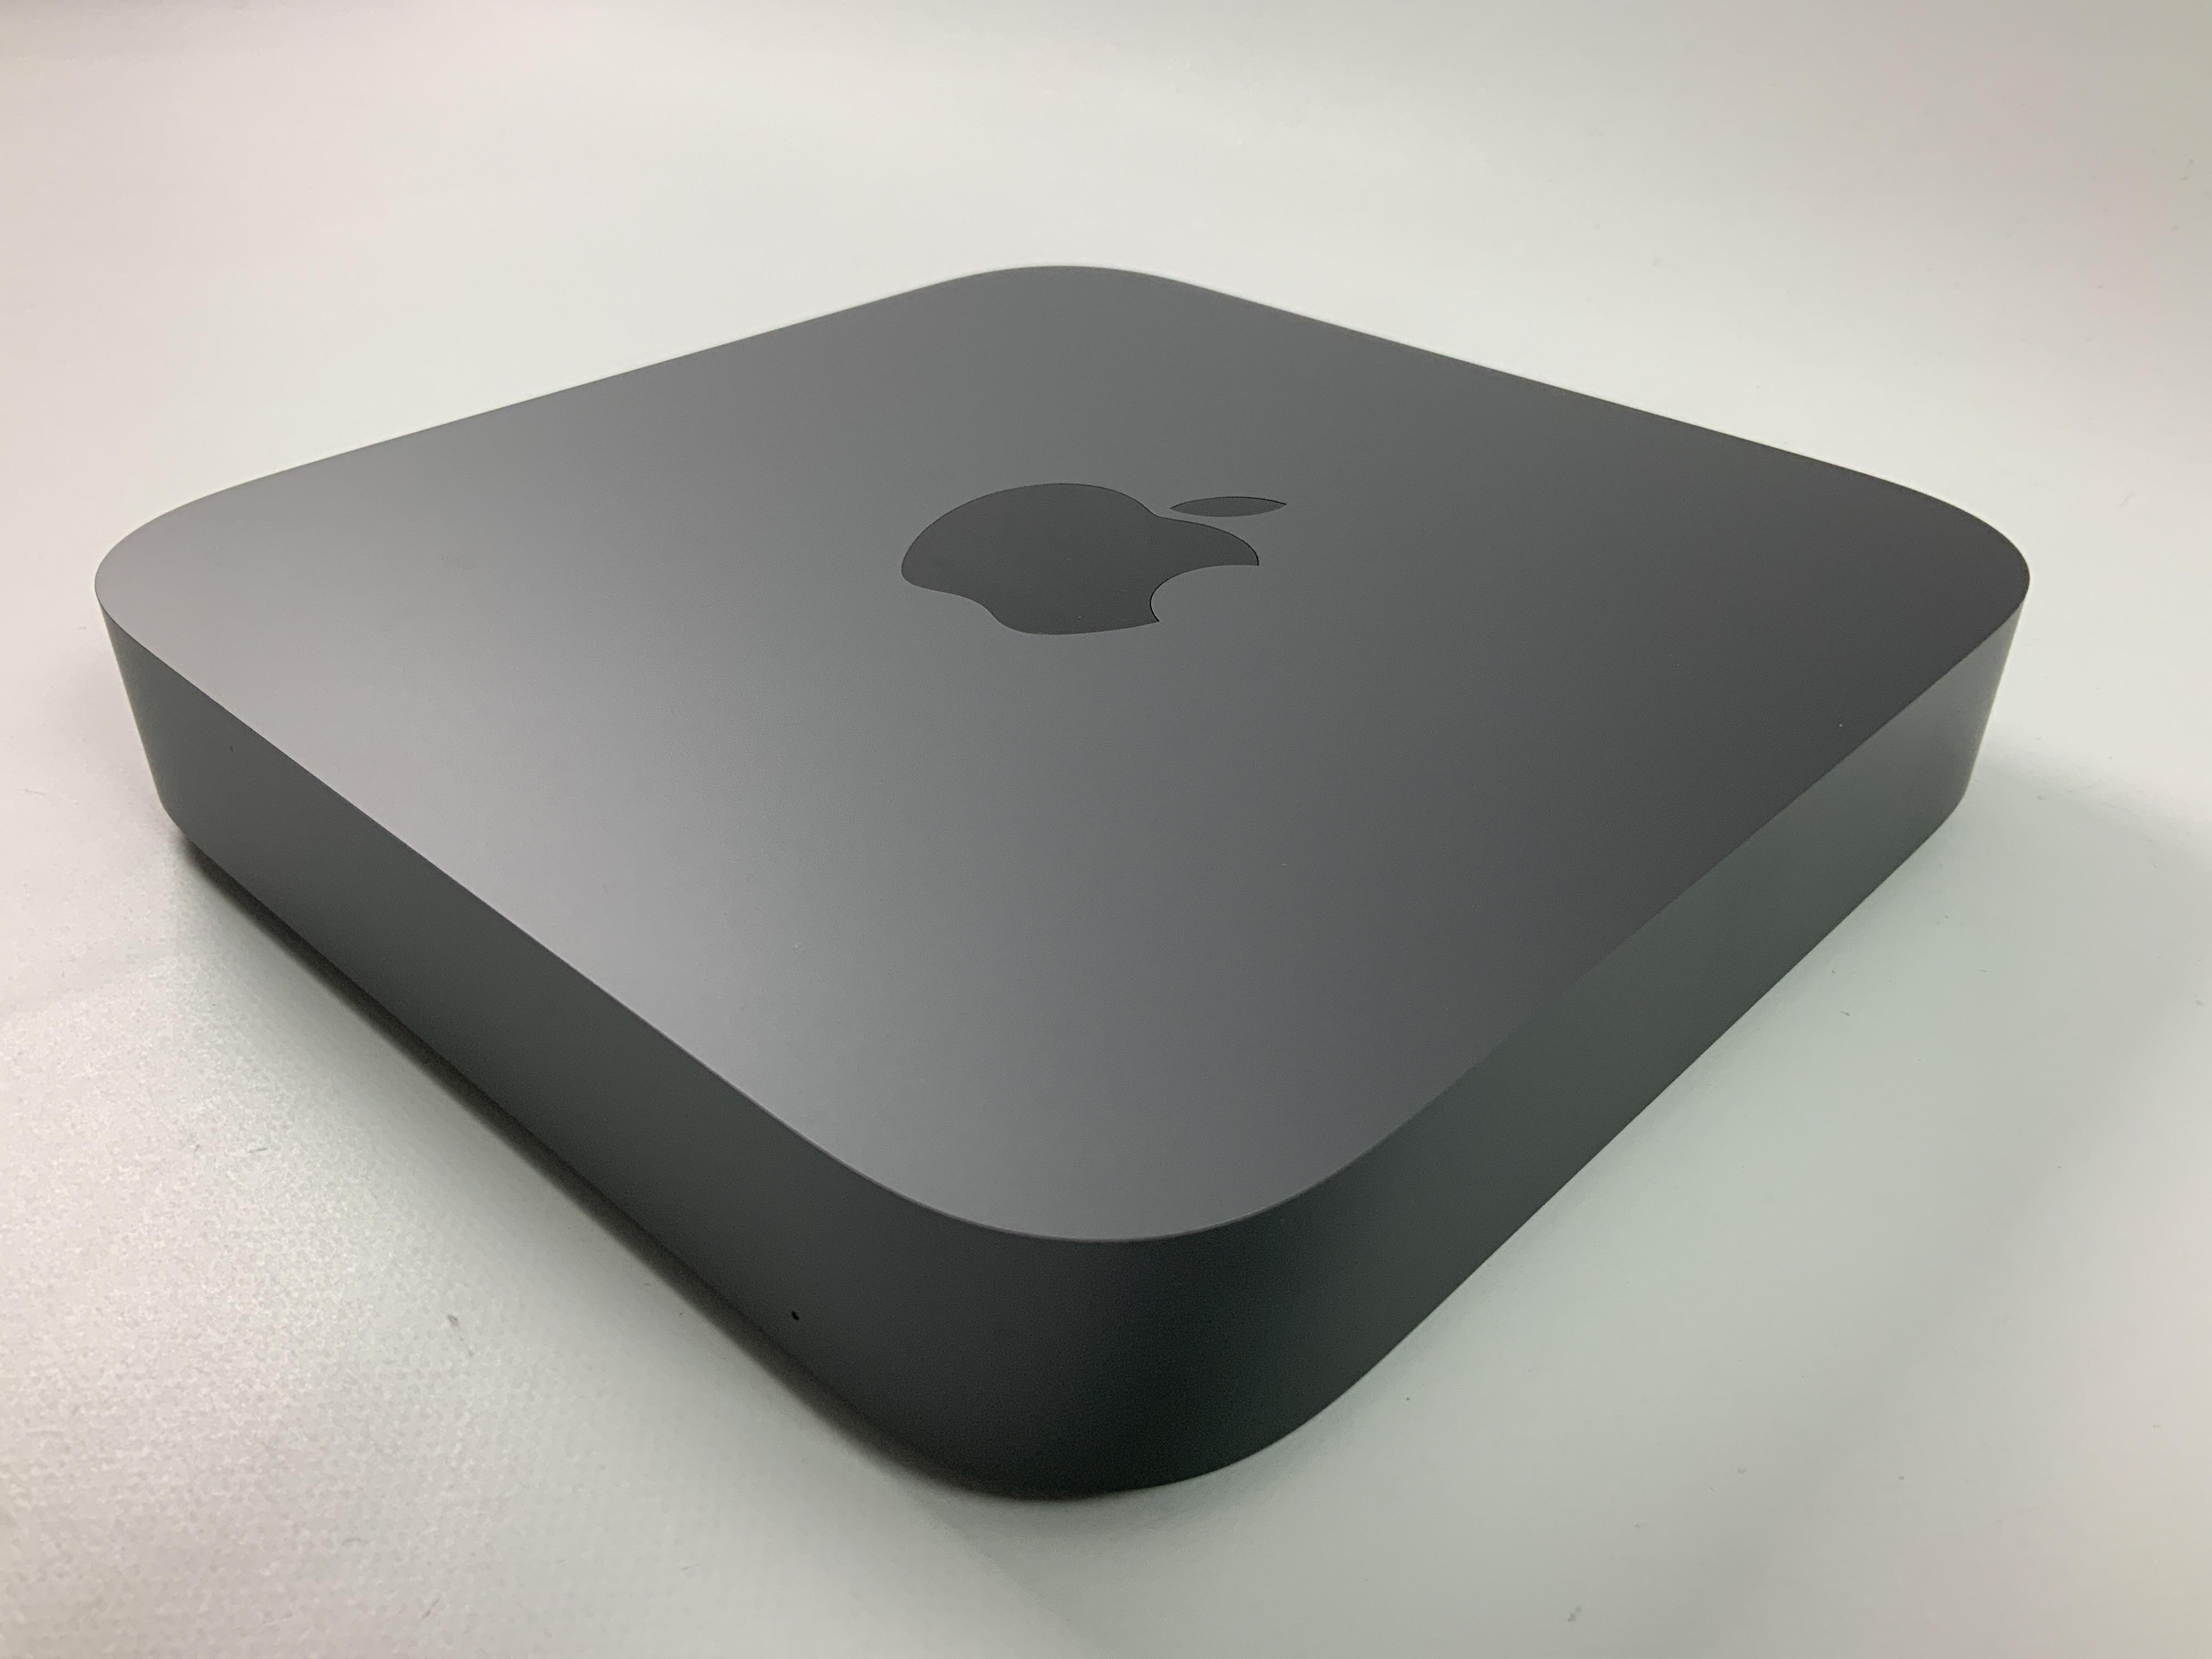 Mac Mini Early 2020 (Intel 6-Core i5 3.0 GHz 8 GB RAM 512 GB SSD), Intel 6-Core i5 3.0 GHz, 8 GB RAM, 512 GB SSD, immagine 2